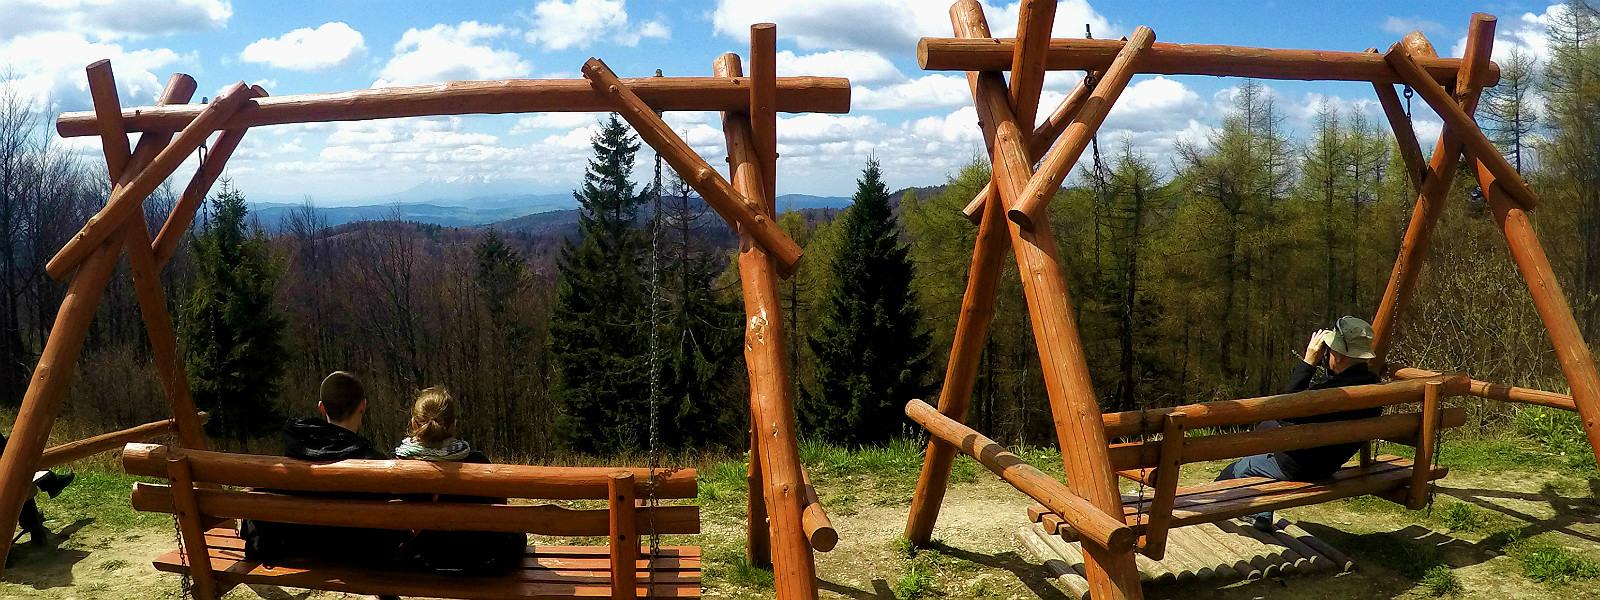 Wakacje w górach 2021